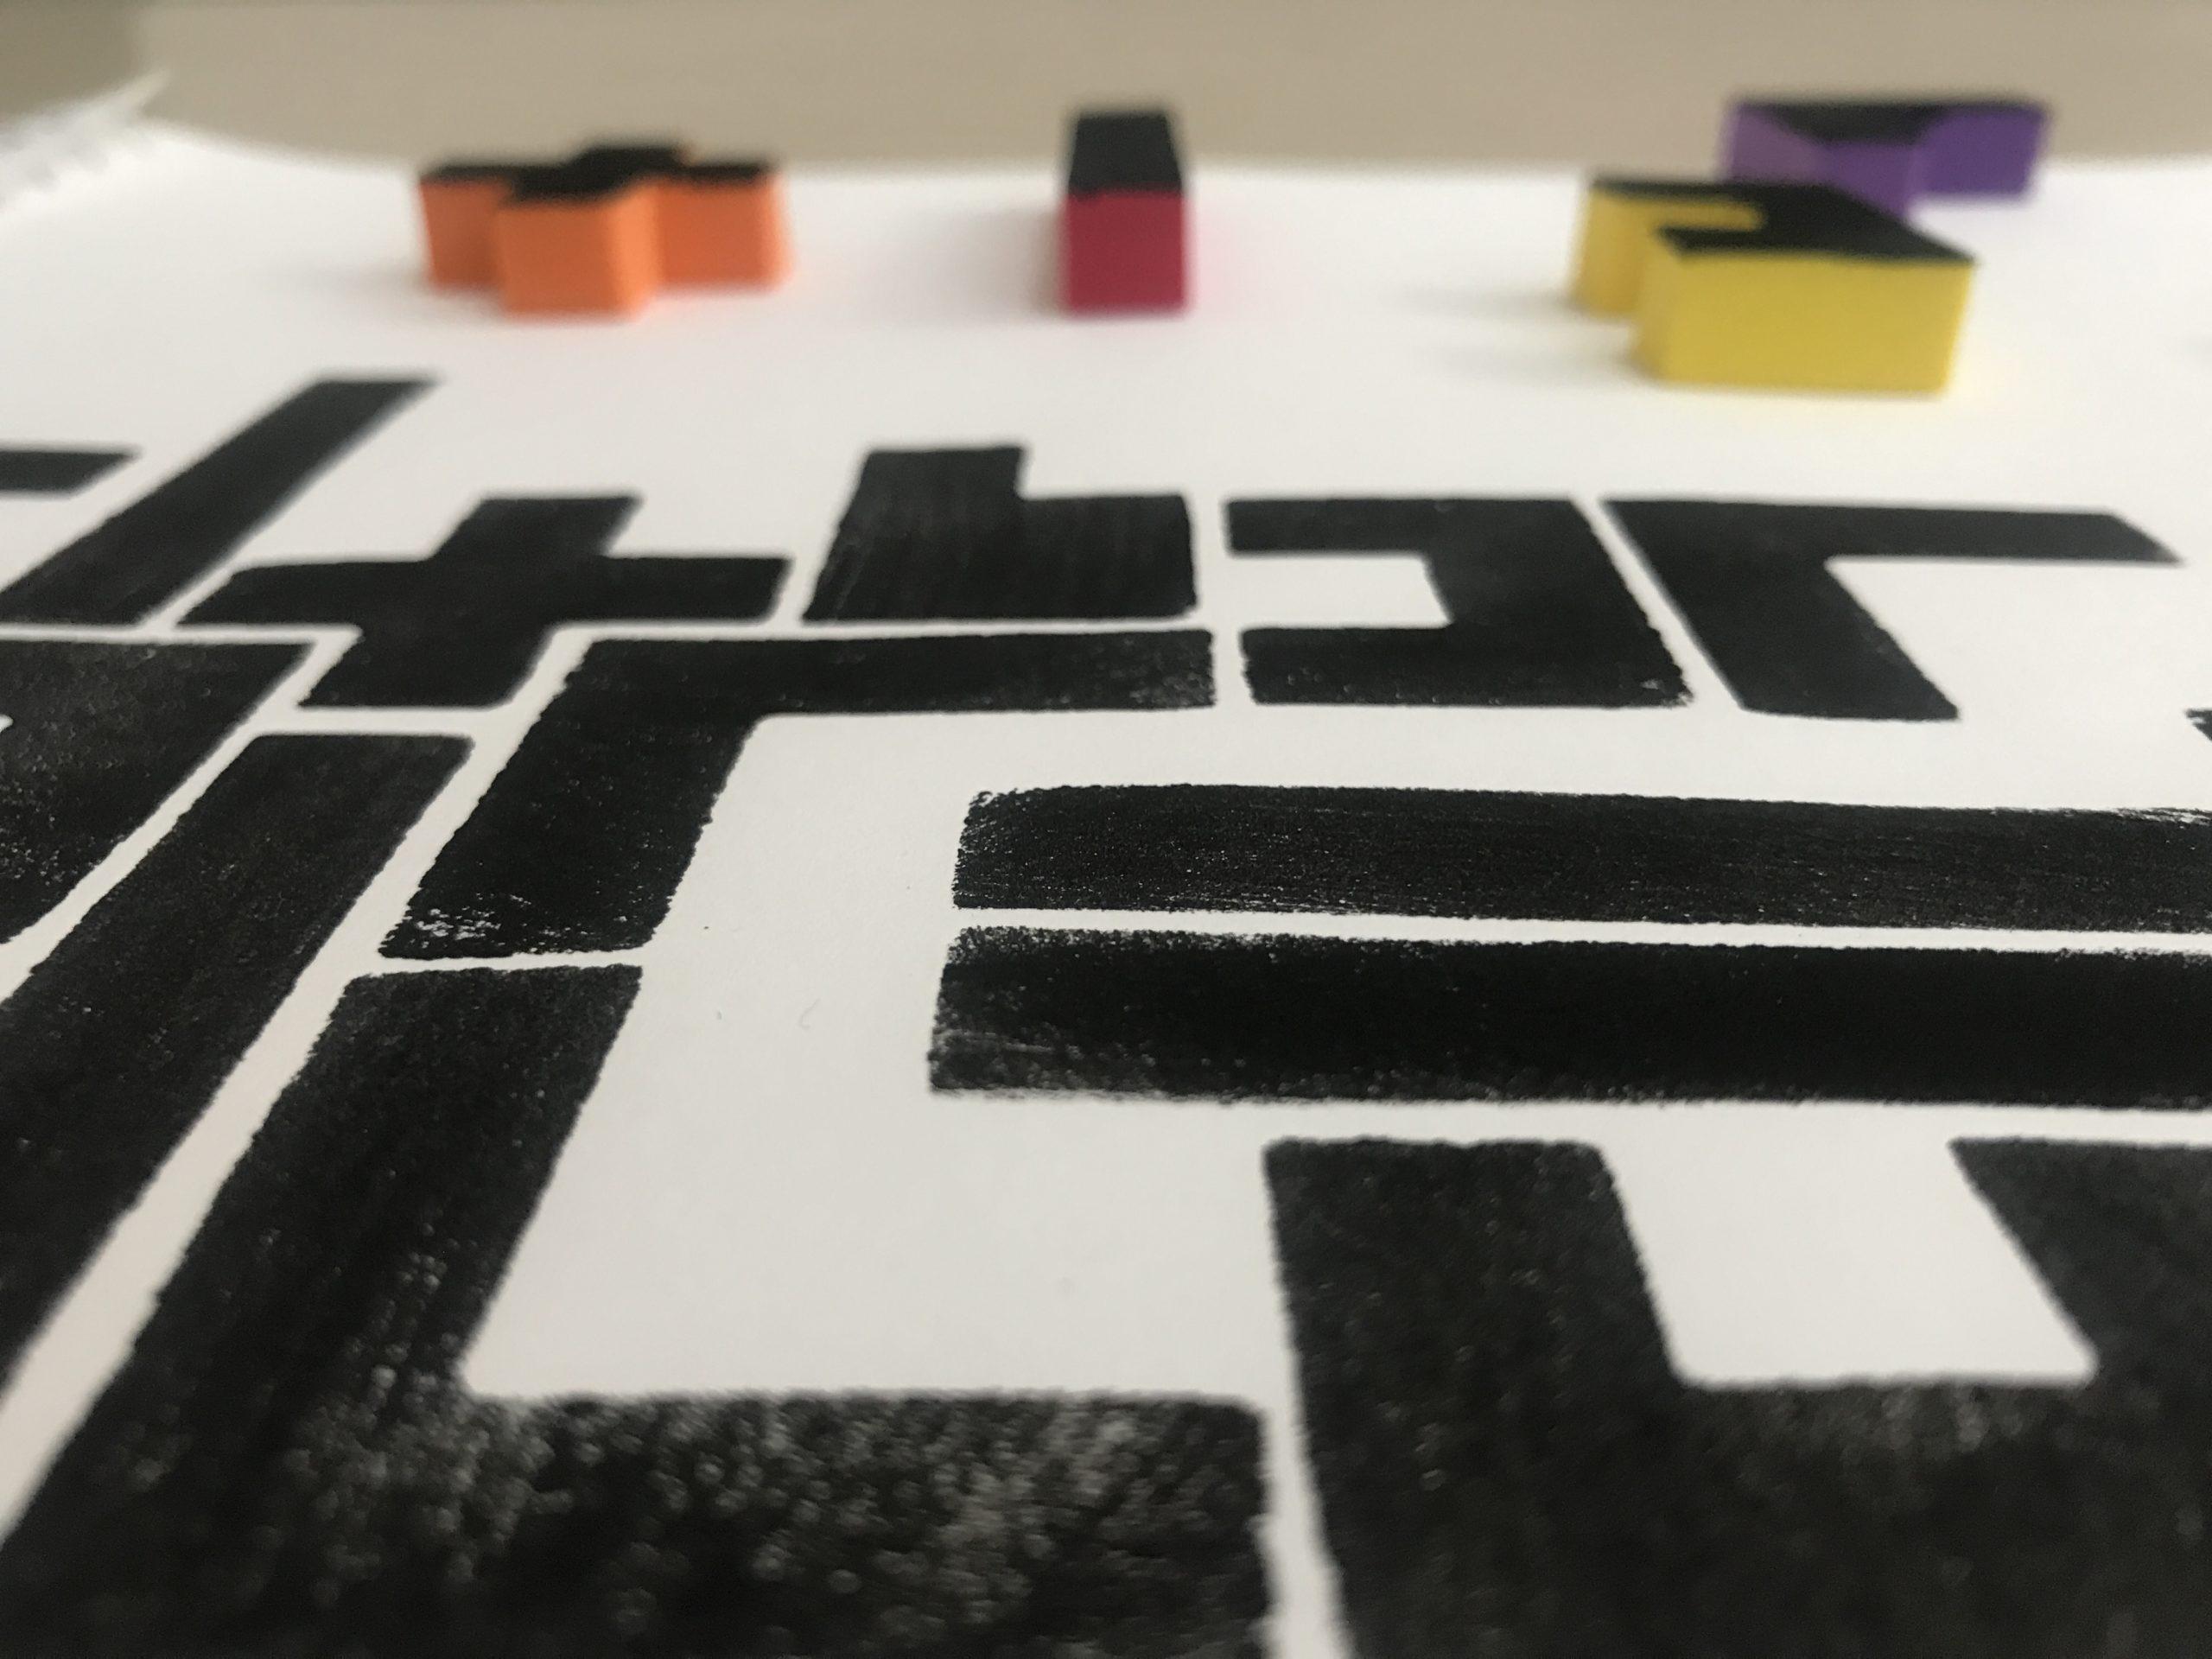 Stempels maken van foamstickers_creatief recyclen